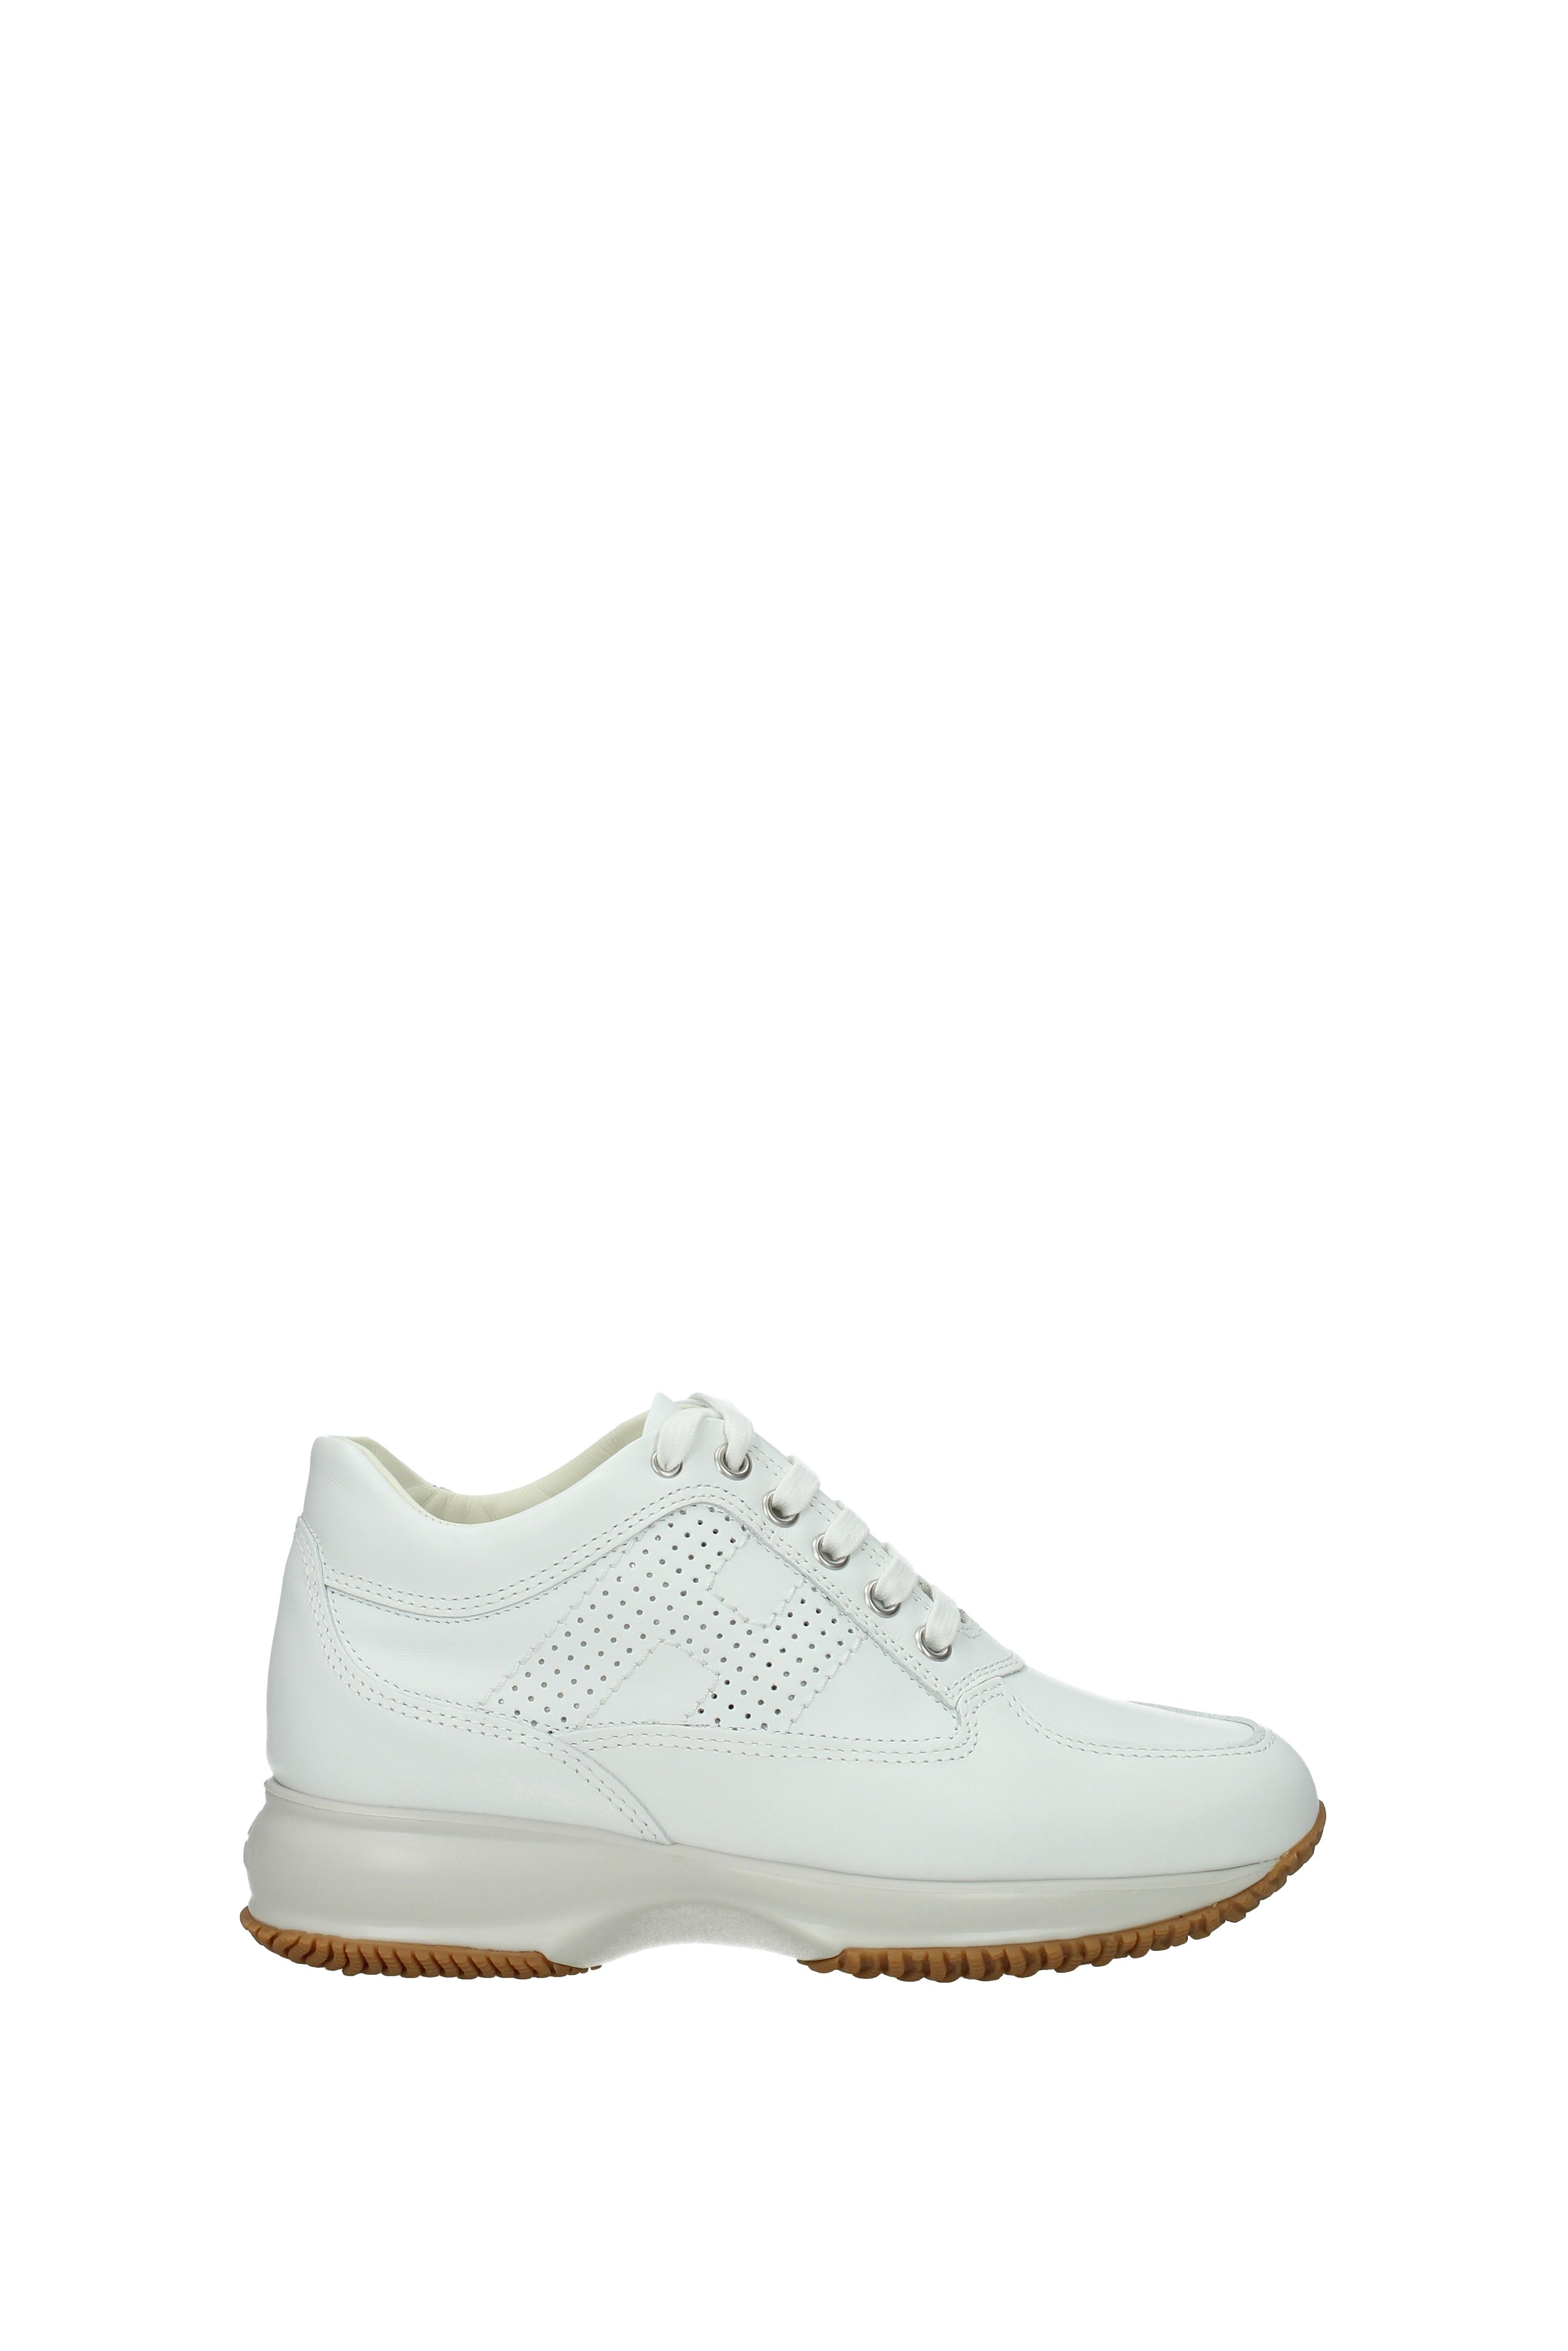 Sneakers HXW00N00E30KLA Hogan interactive Donna Pelle HXW00N00E30KLA Sneakers 926069